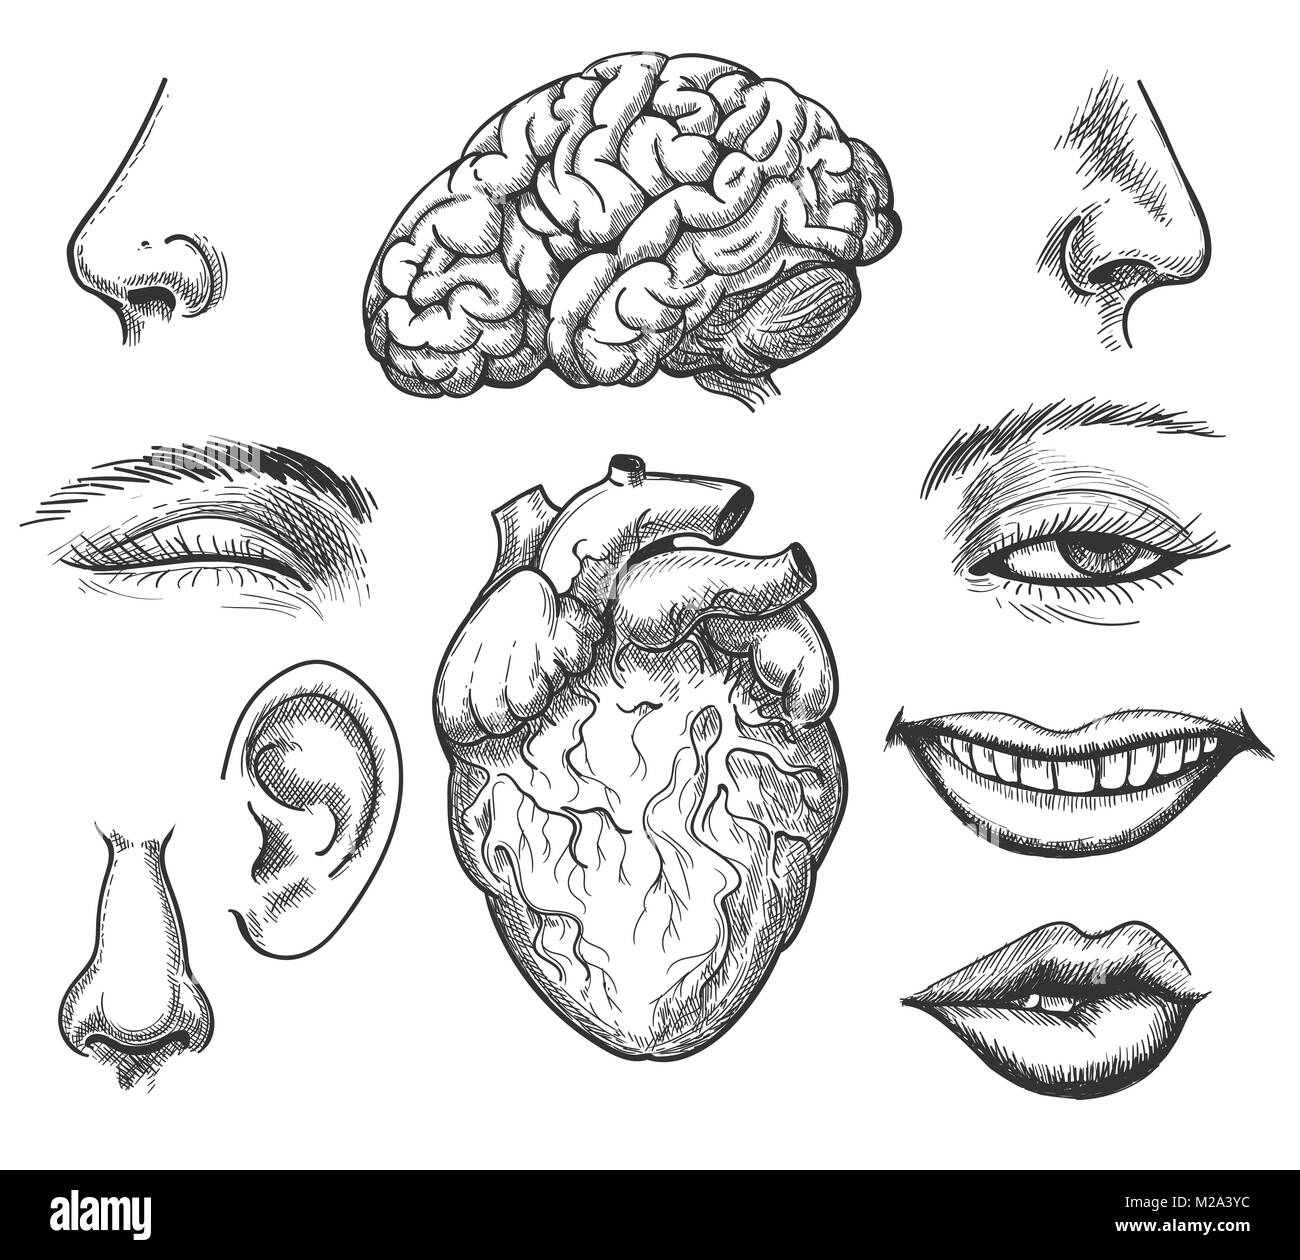 Menschliches Gesicht und Organe. Menschlichen Kopf Organ wie Auge ...